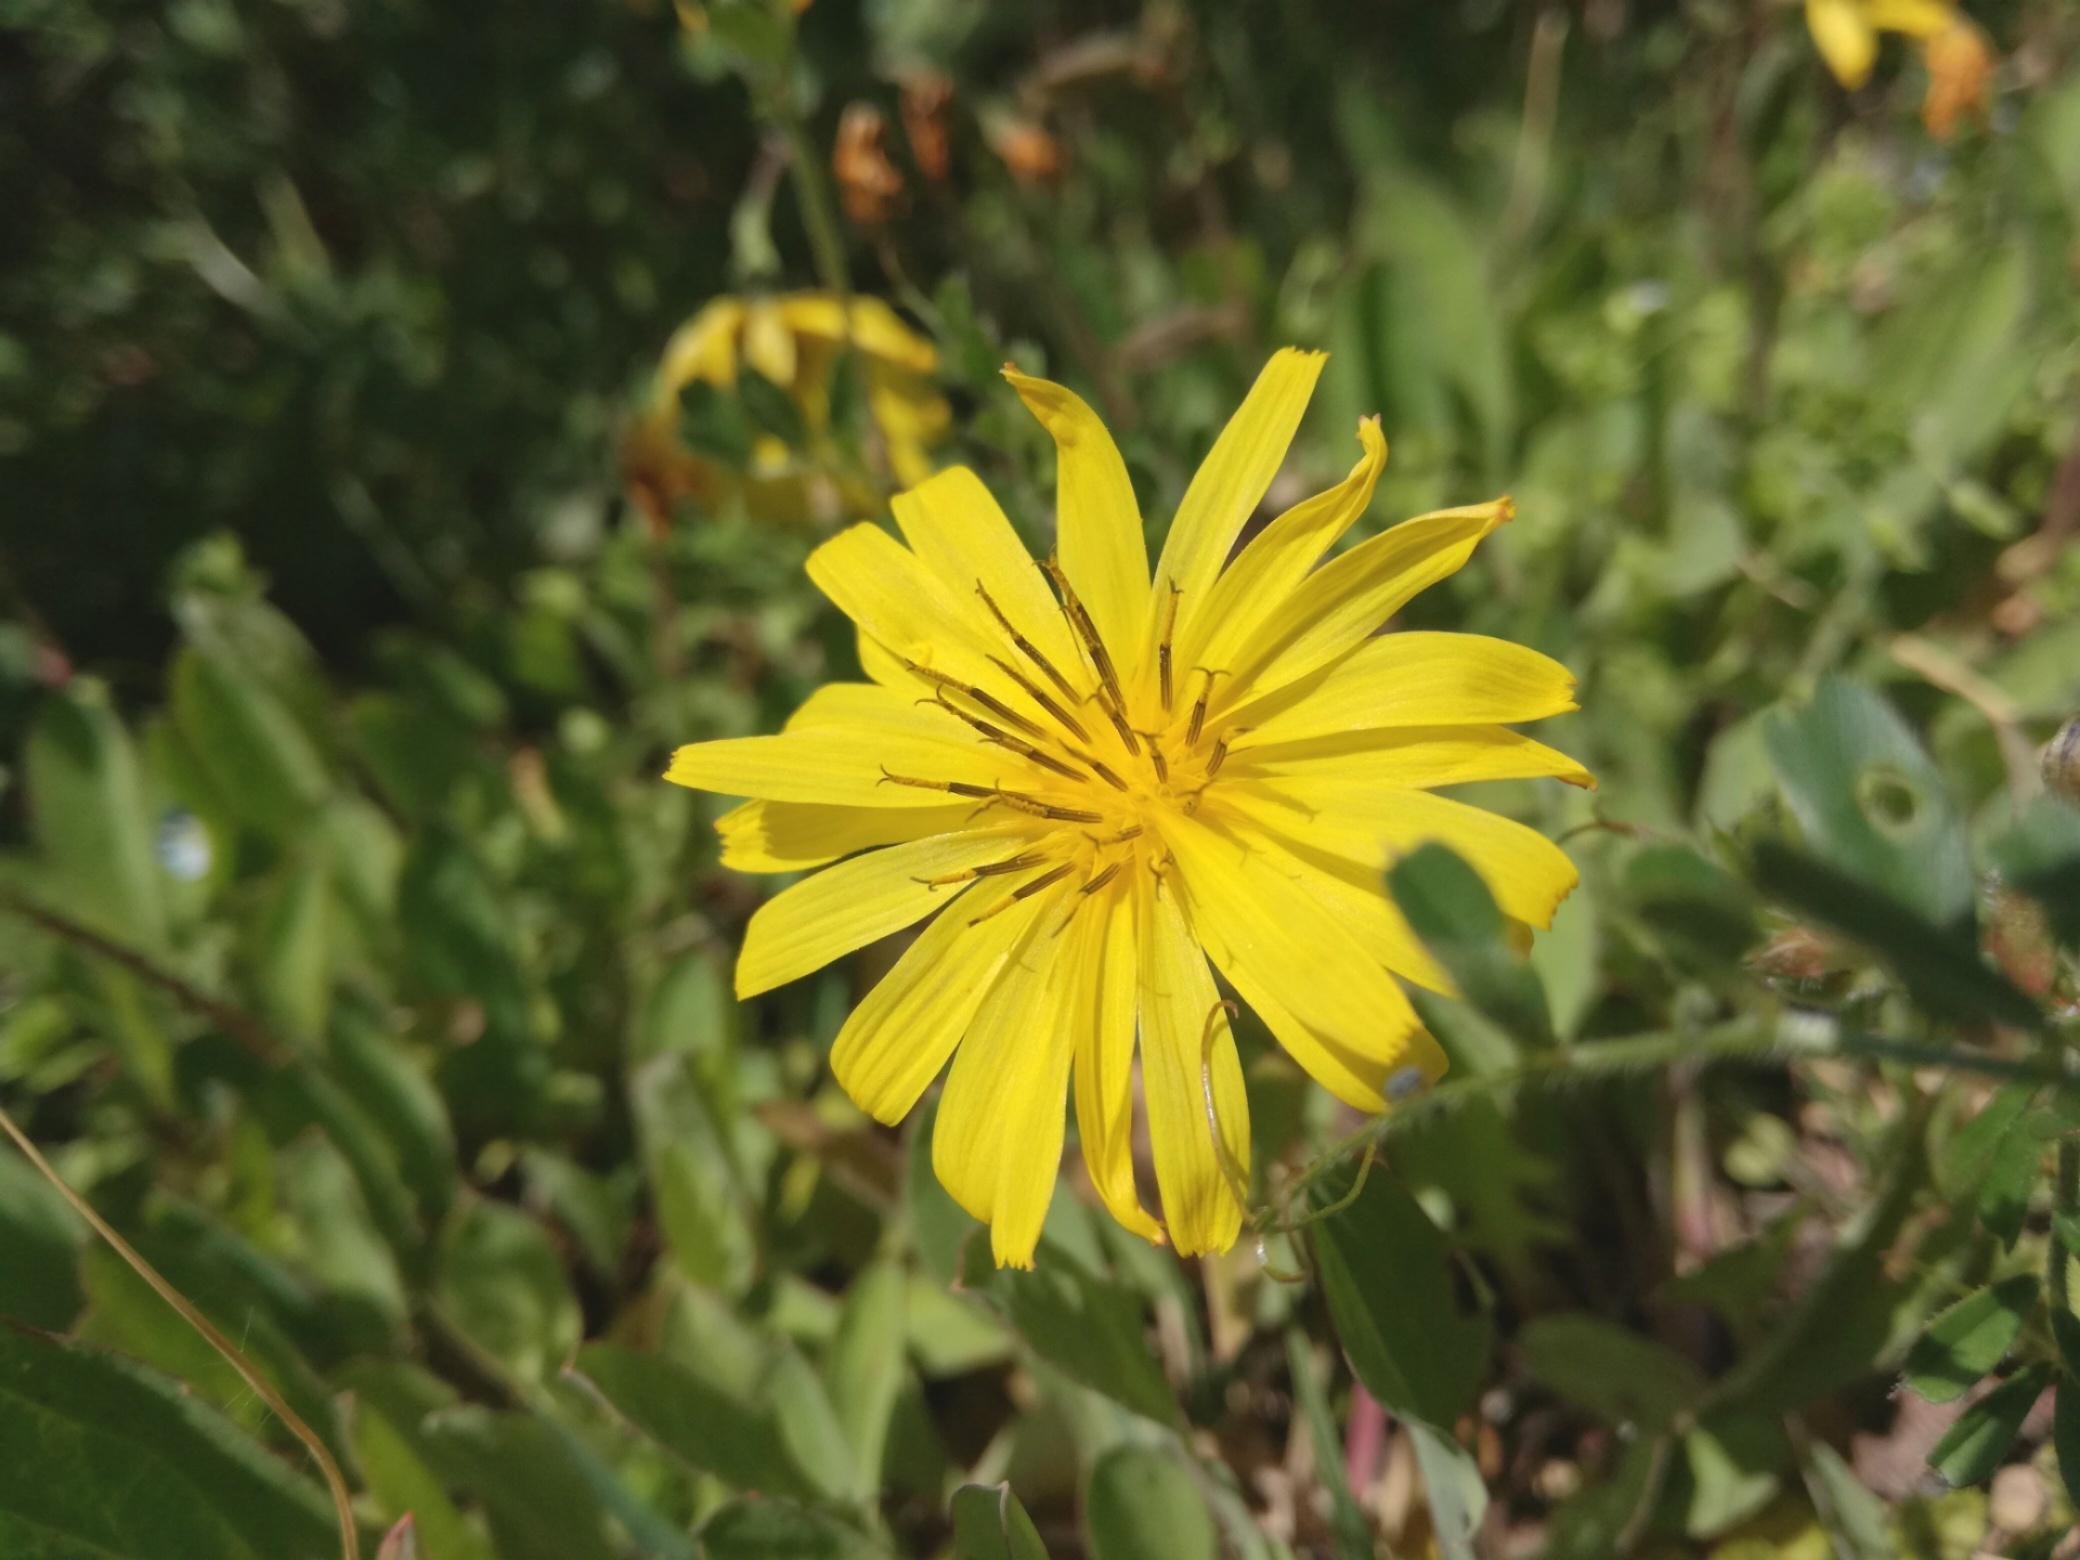 ジシバリ(イワニガナ)とは?その特徴や花言葉を解説!オオシシバリとの違いは?